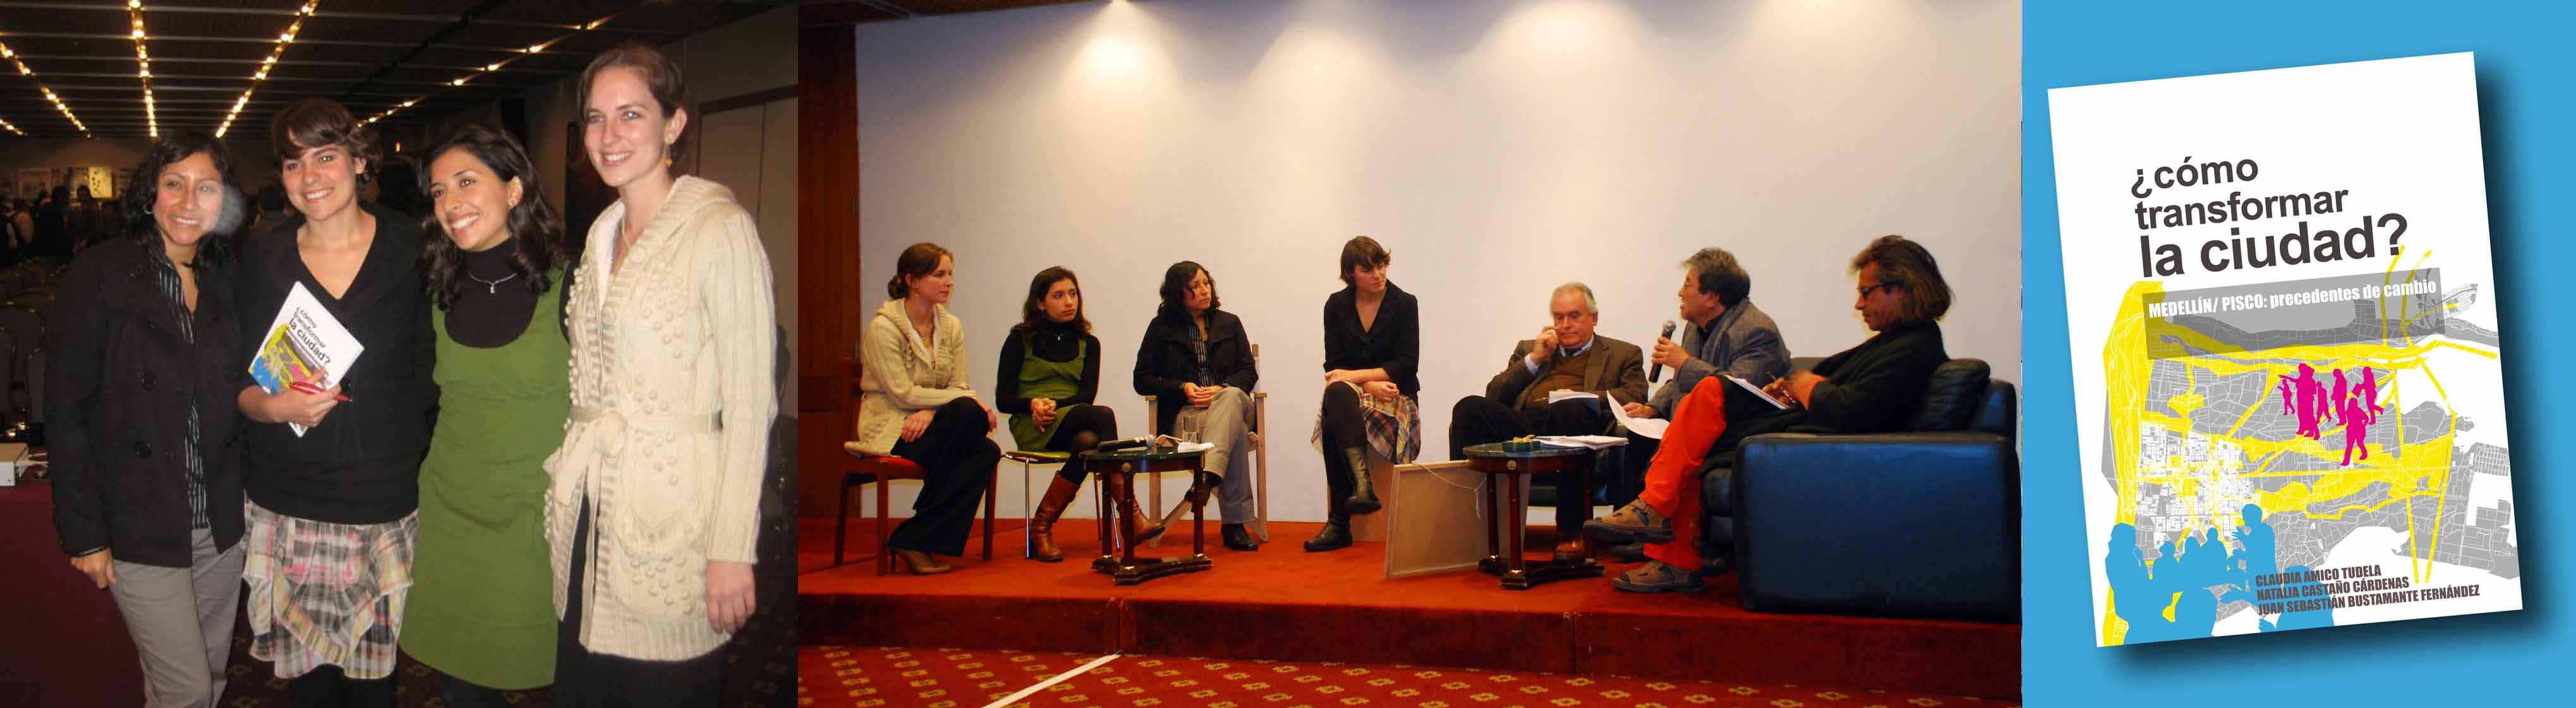 Presentación del Libro ¿Cómo Transformación la Ciudad? Pisco/Medellín: precedentes de cambio